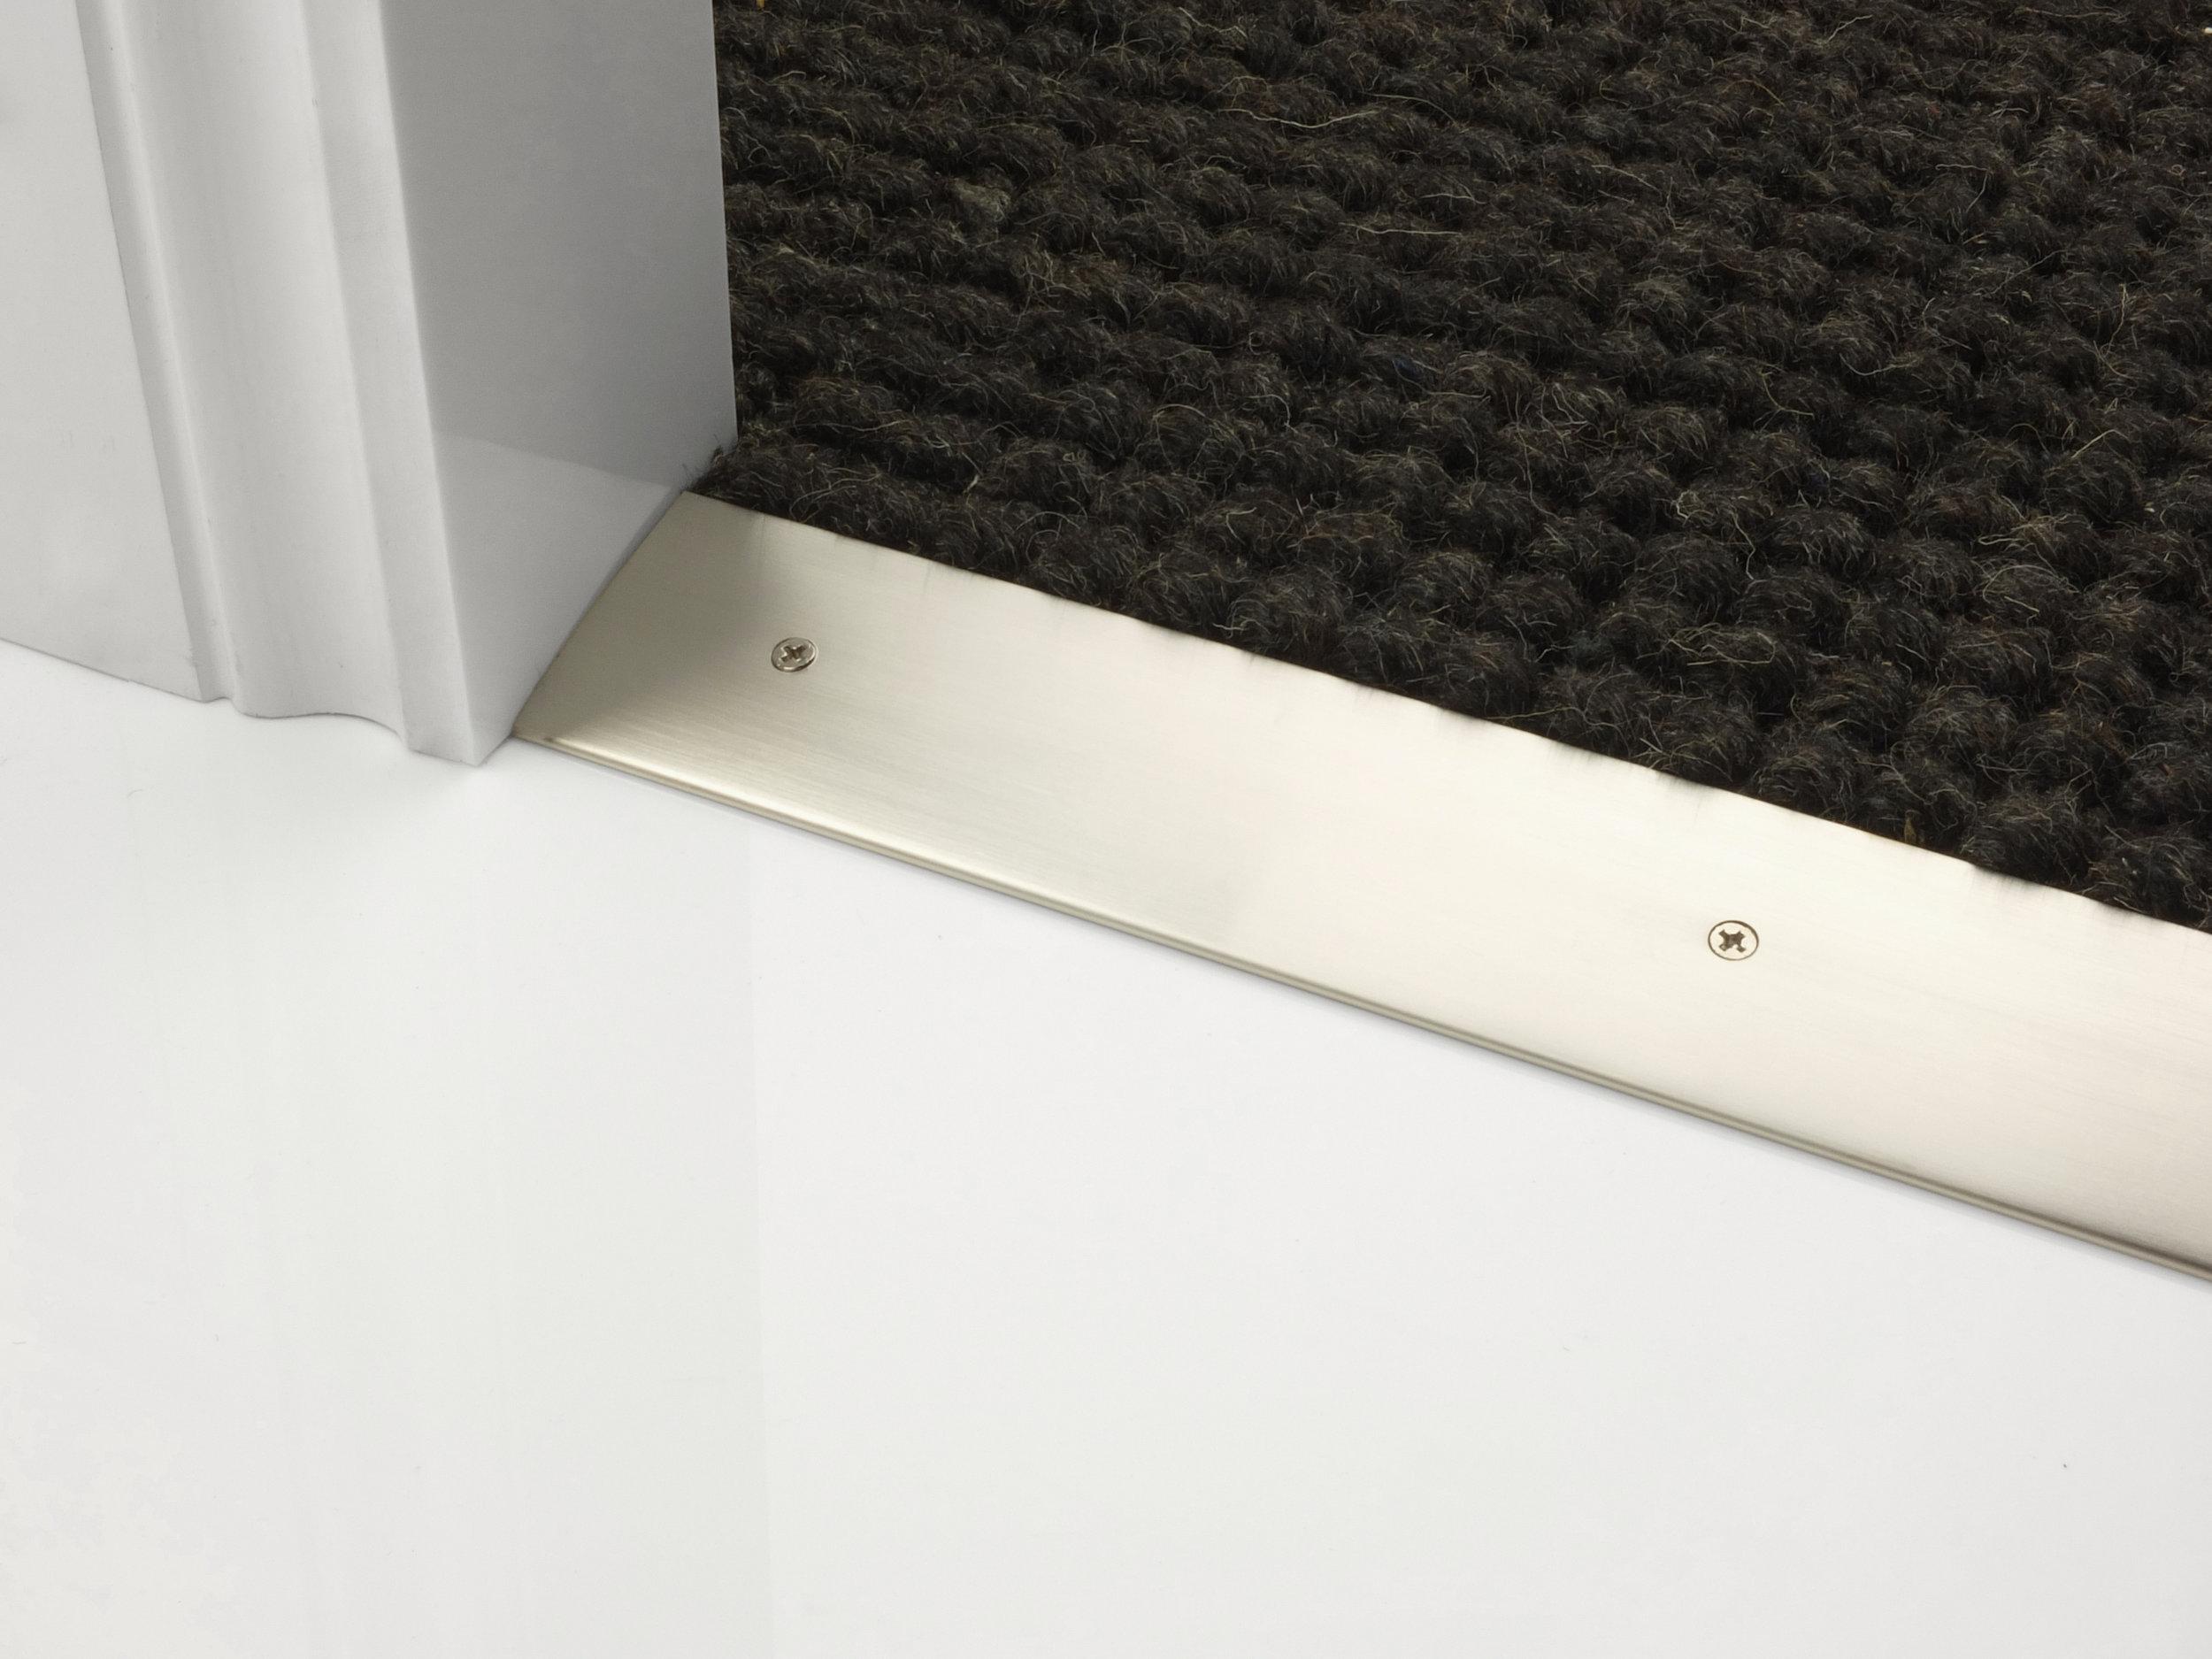 door_bar_cover-55mm_c2h_satin_nickel.jpg